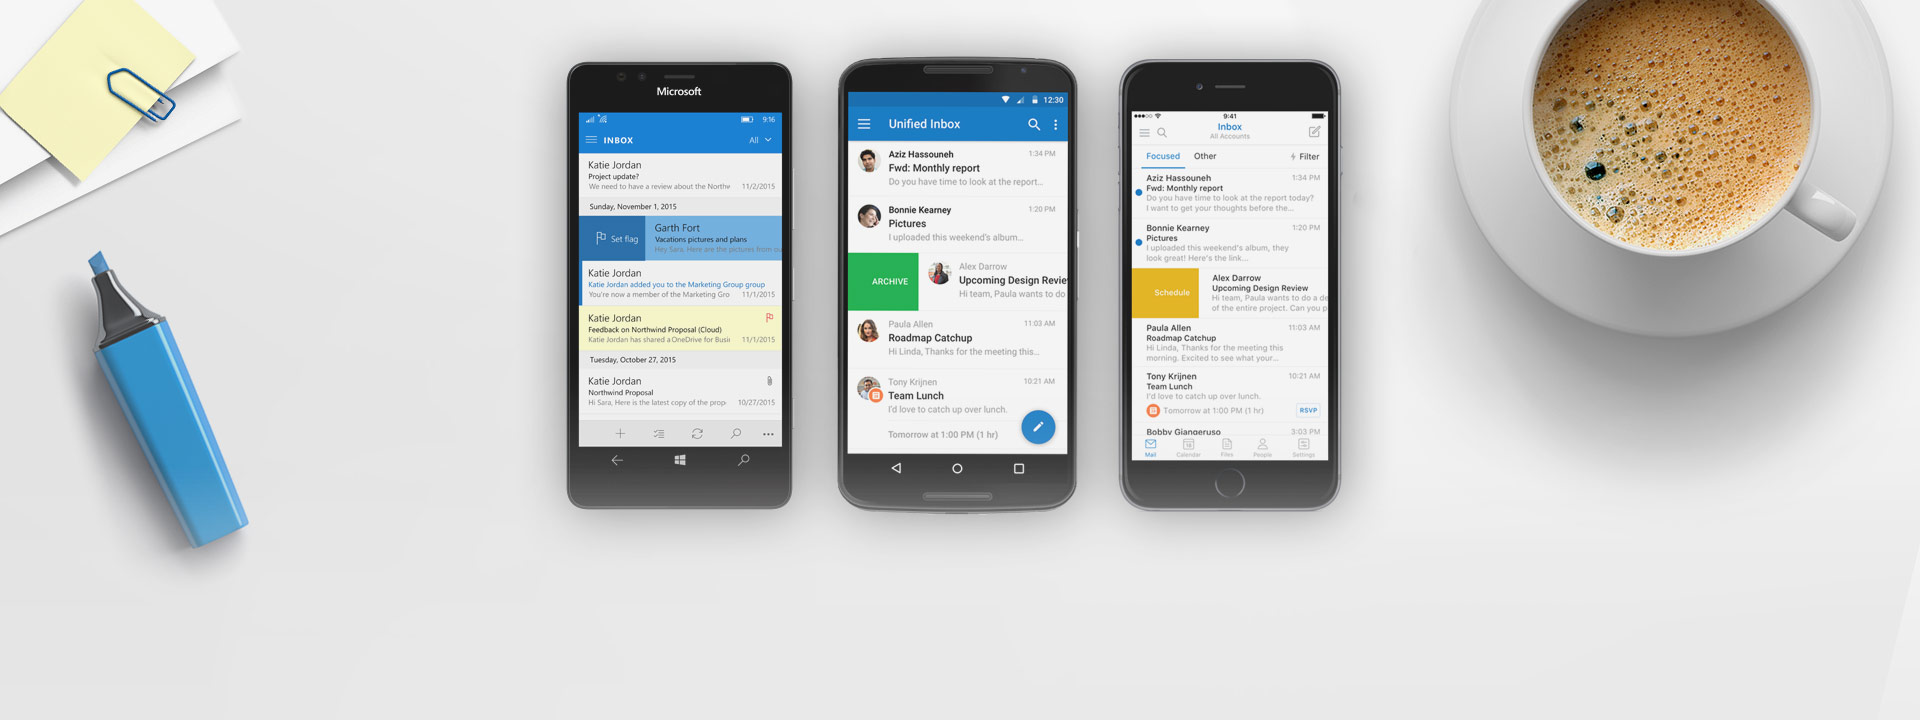 Telefoni s programom Outlook na zaslonu, prenos